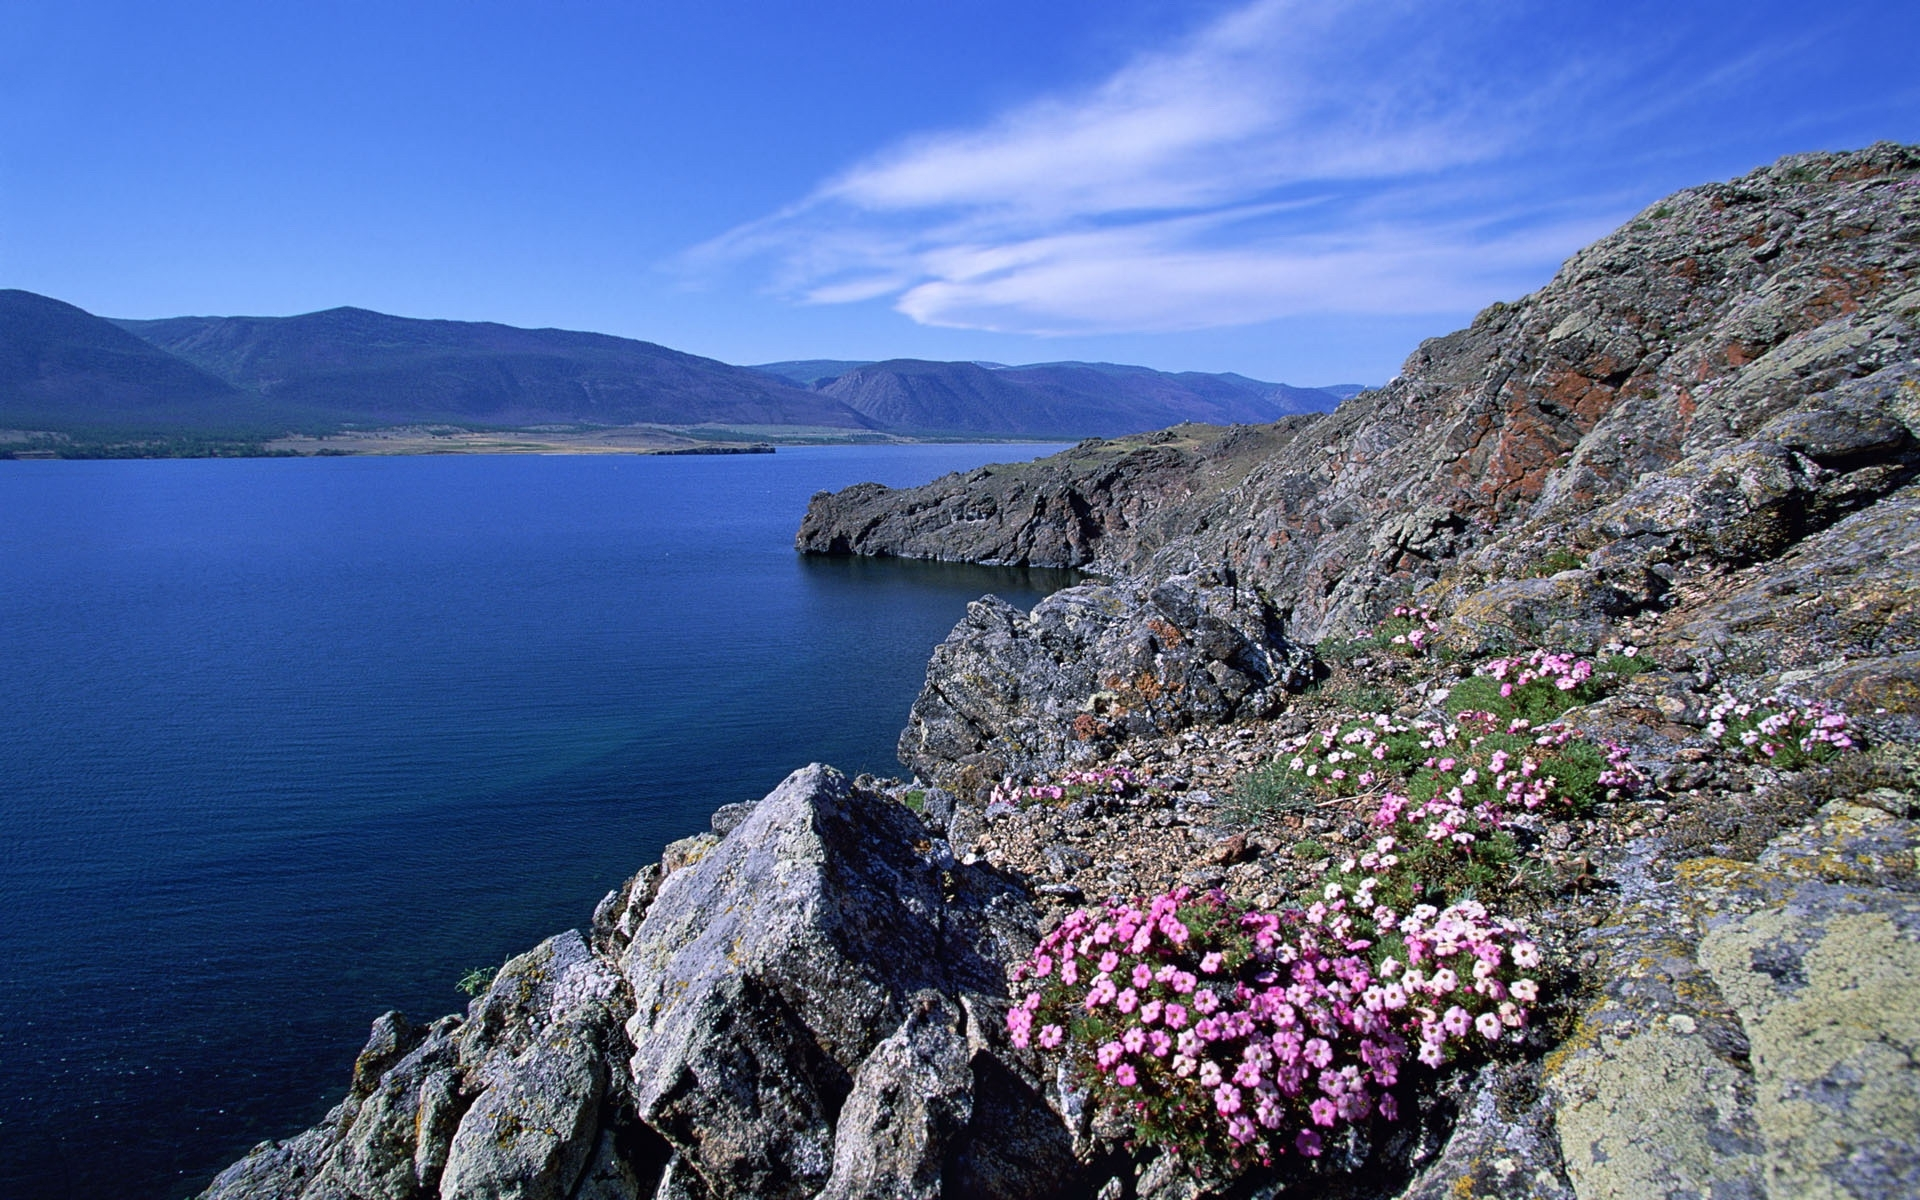 29623 скачать обои Пейзаж, Река, Горы - заставки и картинки бесплатно